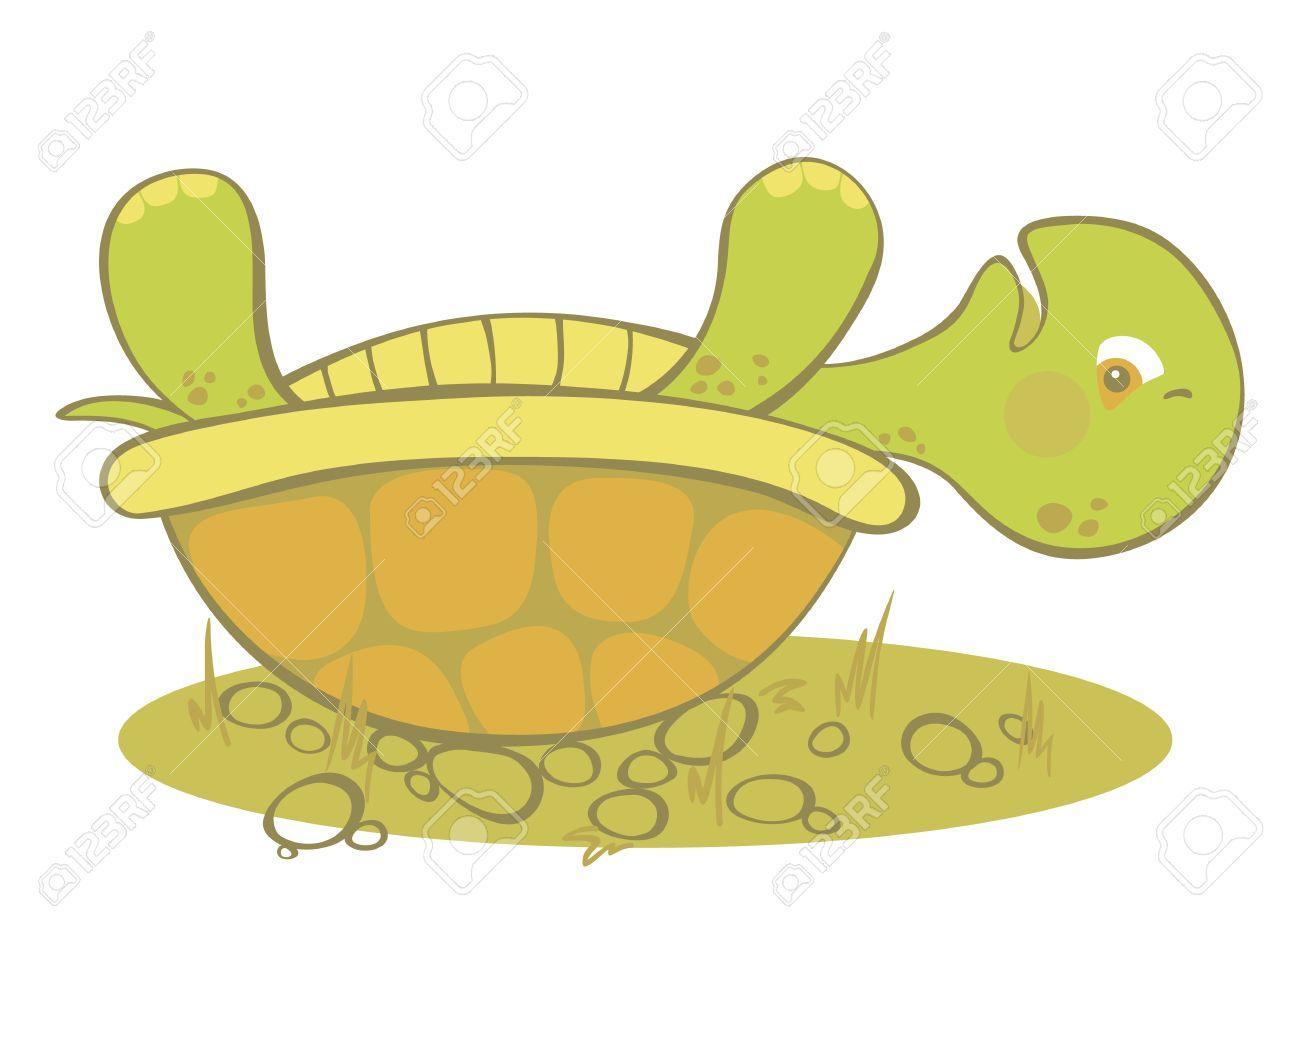 Cute turtle stuck on it's shell. - 14288655